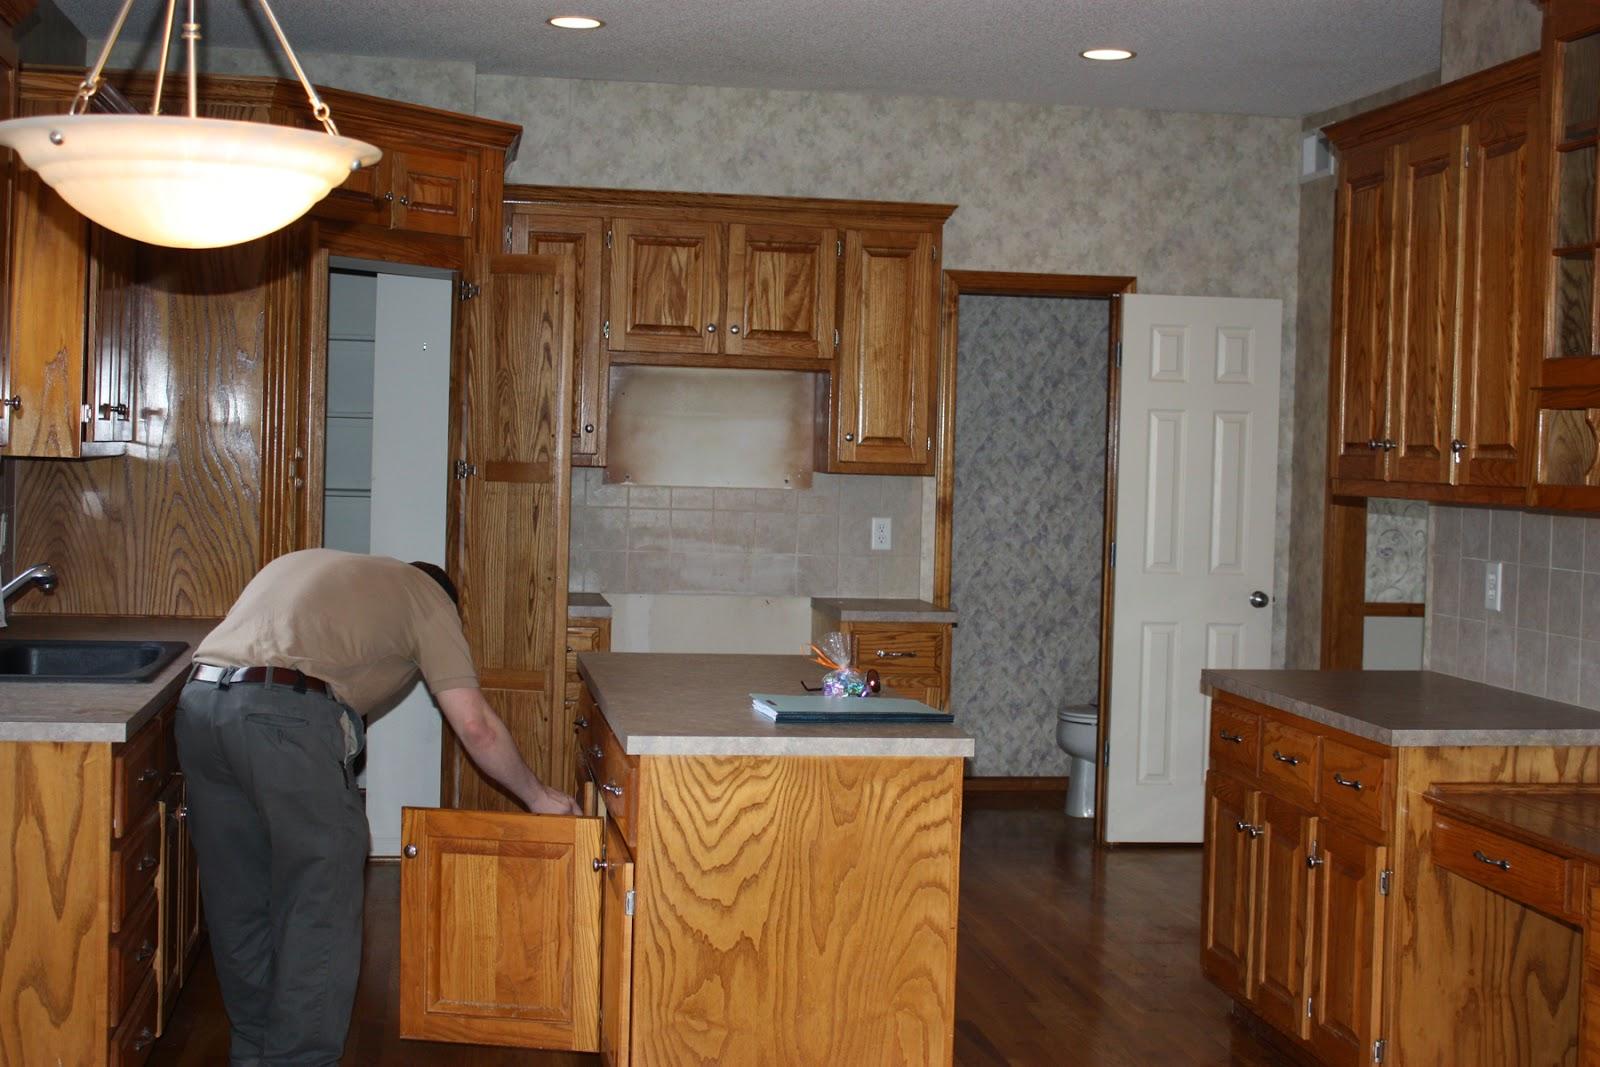 Bathroom Furniture Diy Kitchen Remodel Blog oh so lovely blog our 500 diy kitchen remodel remodel